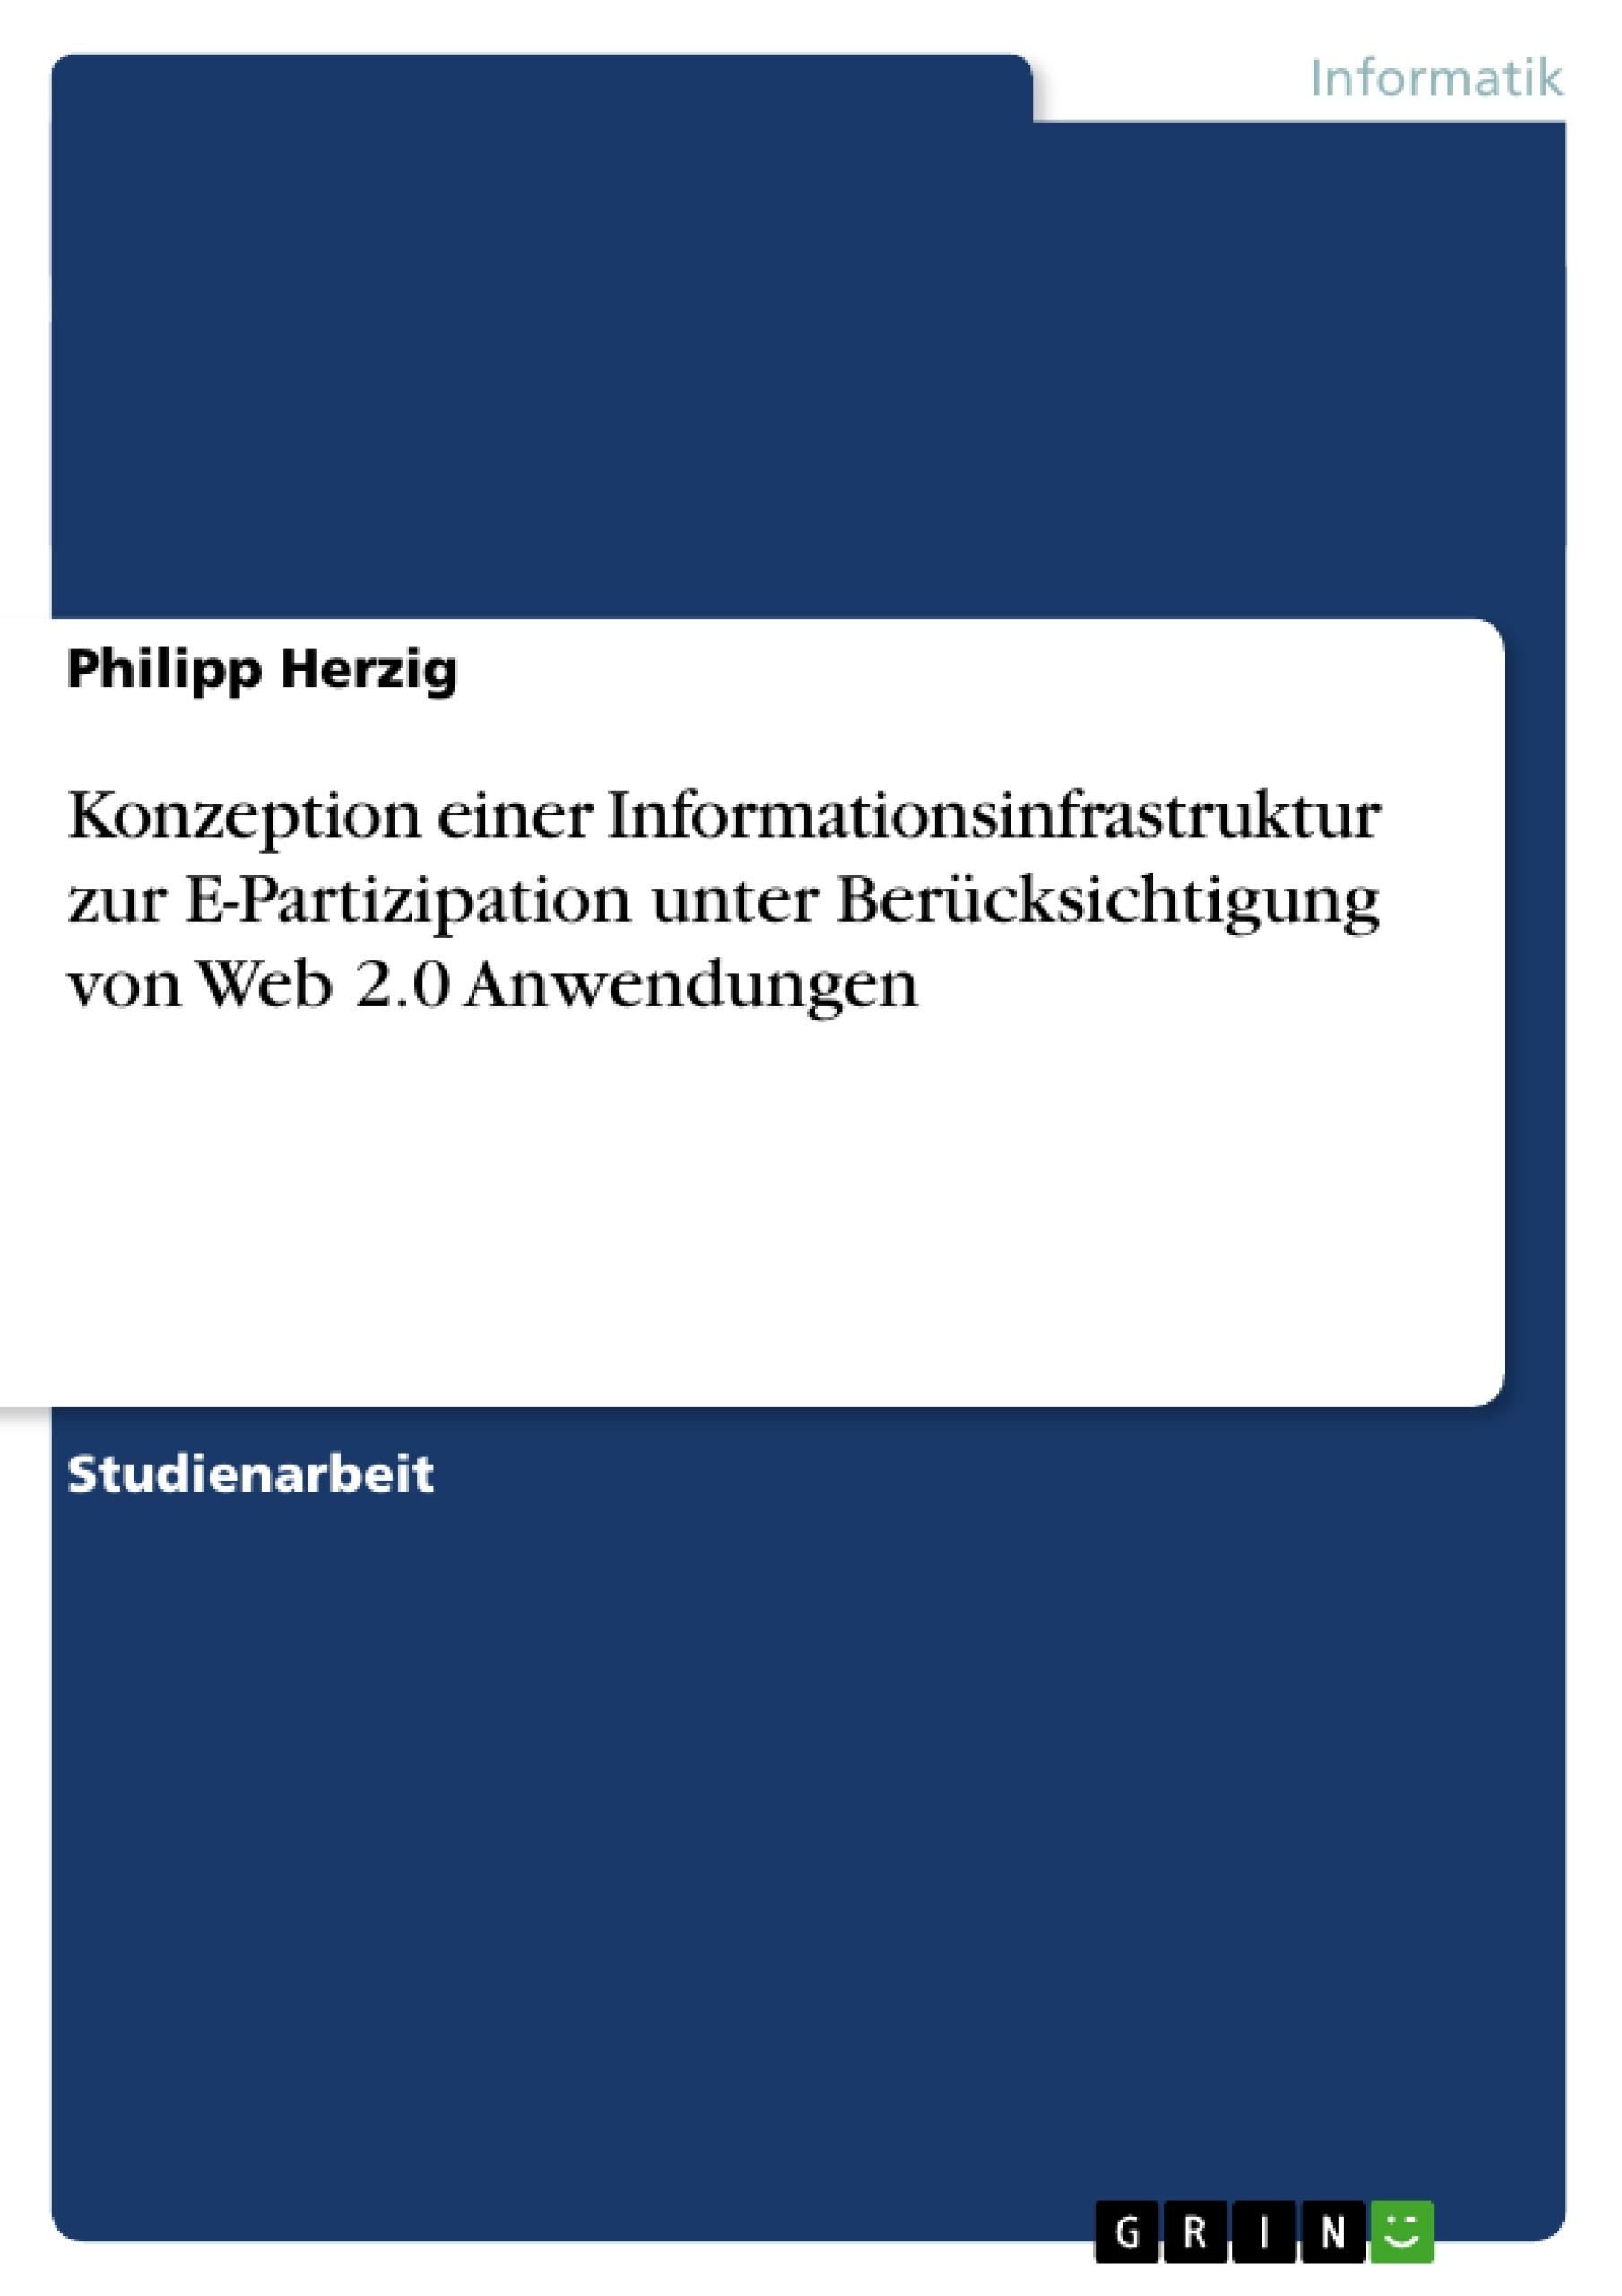 Titel: Konzeption einer Informationsinfrastruktur zur E-Partizipation unter Berücksichtigung von Web 2.0 Anwendungen